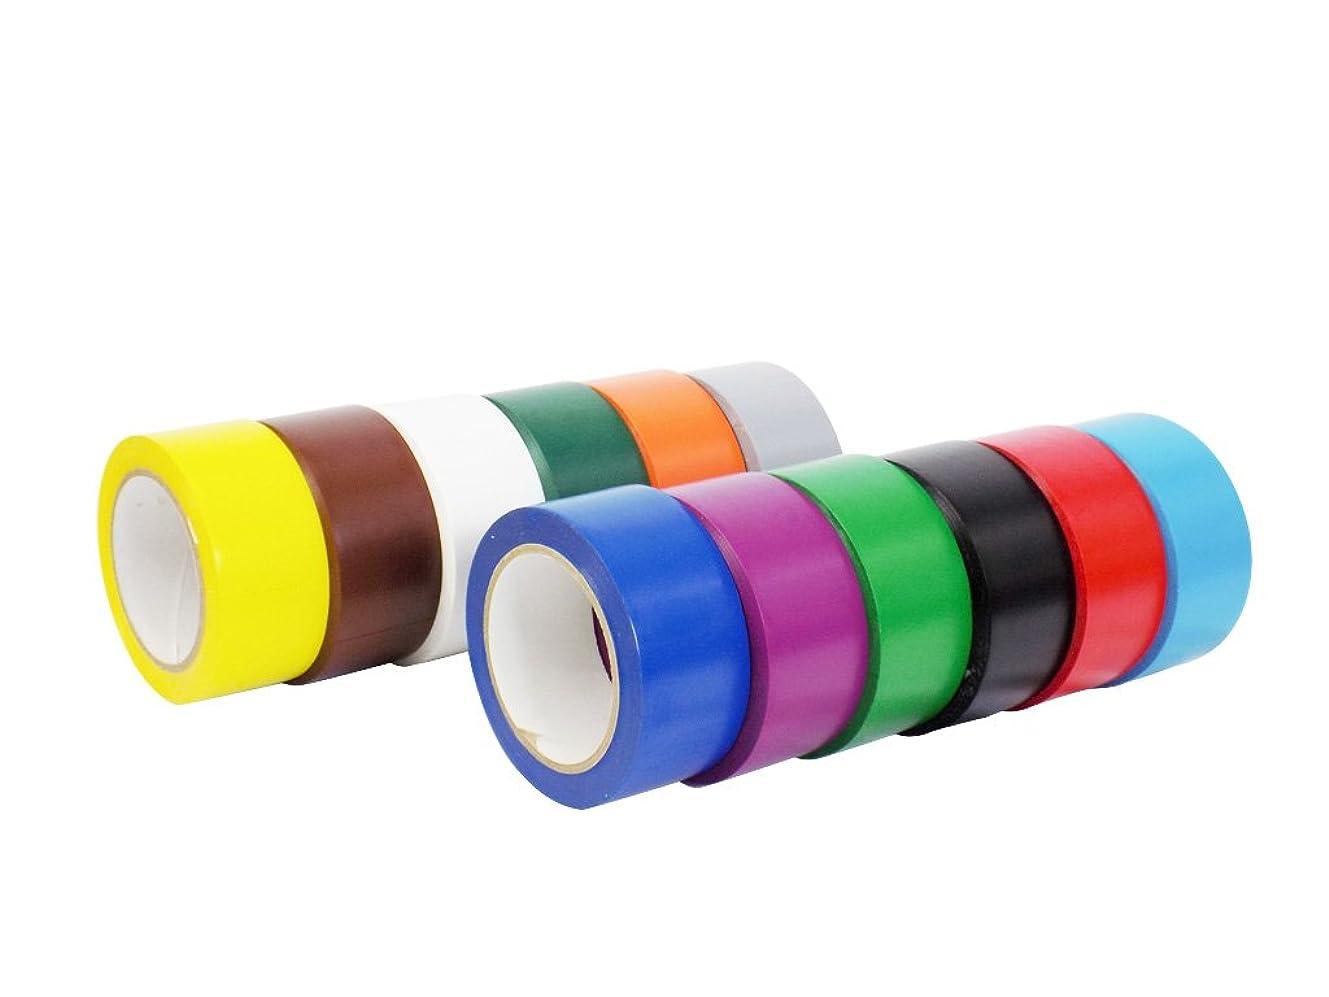 落ち着いて変装したフィードオン抱くcvt-536ビニールPinstripingダンスフロアテープ、安全マーキング床スプライシングテープ複数のサイズと色でも使用可能) : 36ヤード。